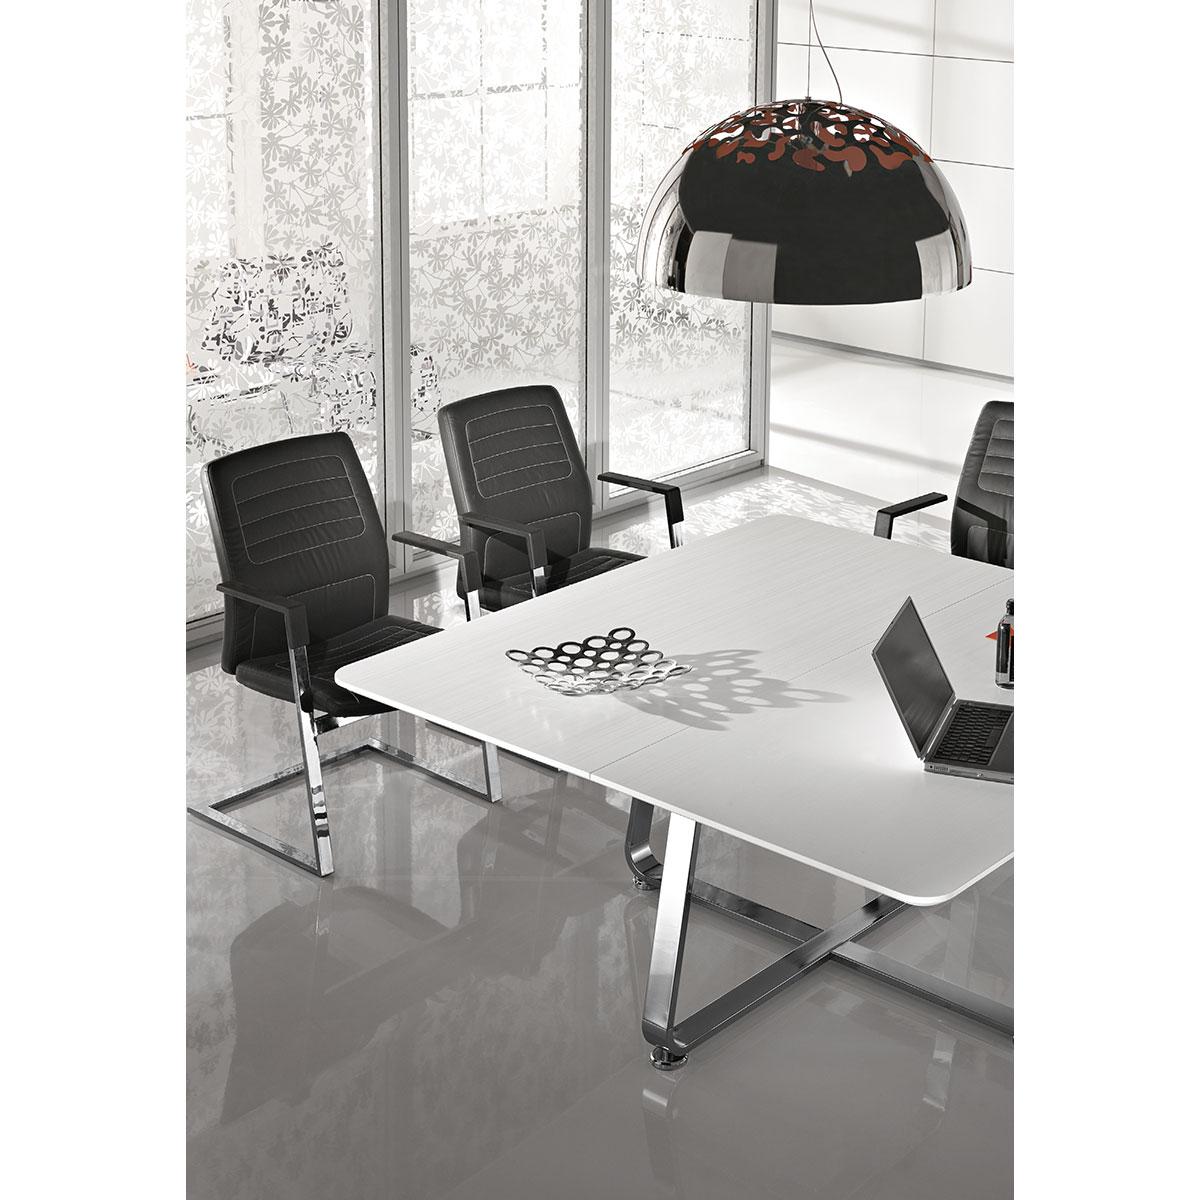 Sillas de oficina de alta calidad Neochair14